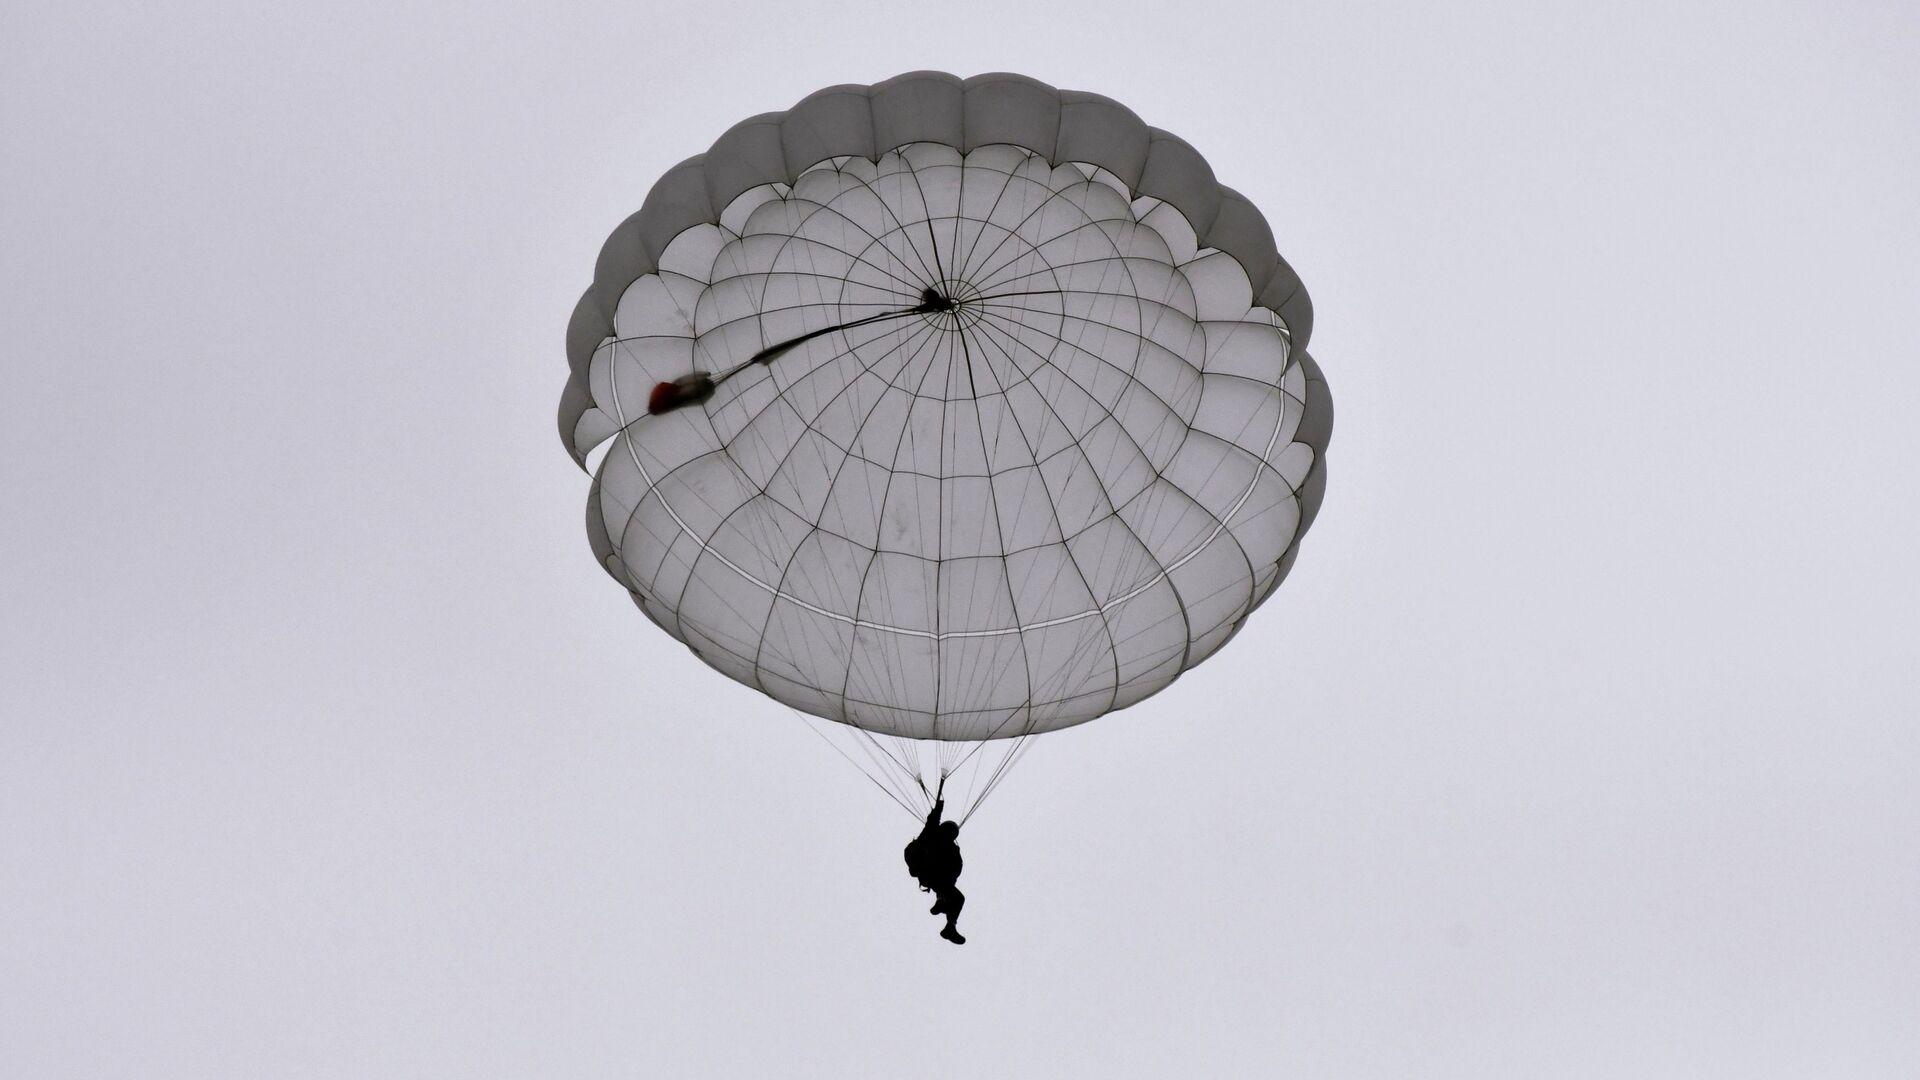 Una persona durante un salto de paracaídas (imagen referencial) - Sputnik Mundo, 1920, 05.03.2021